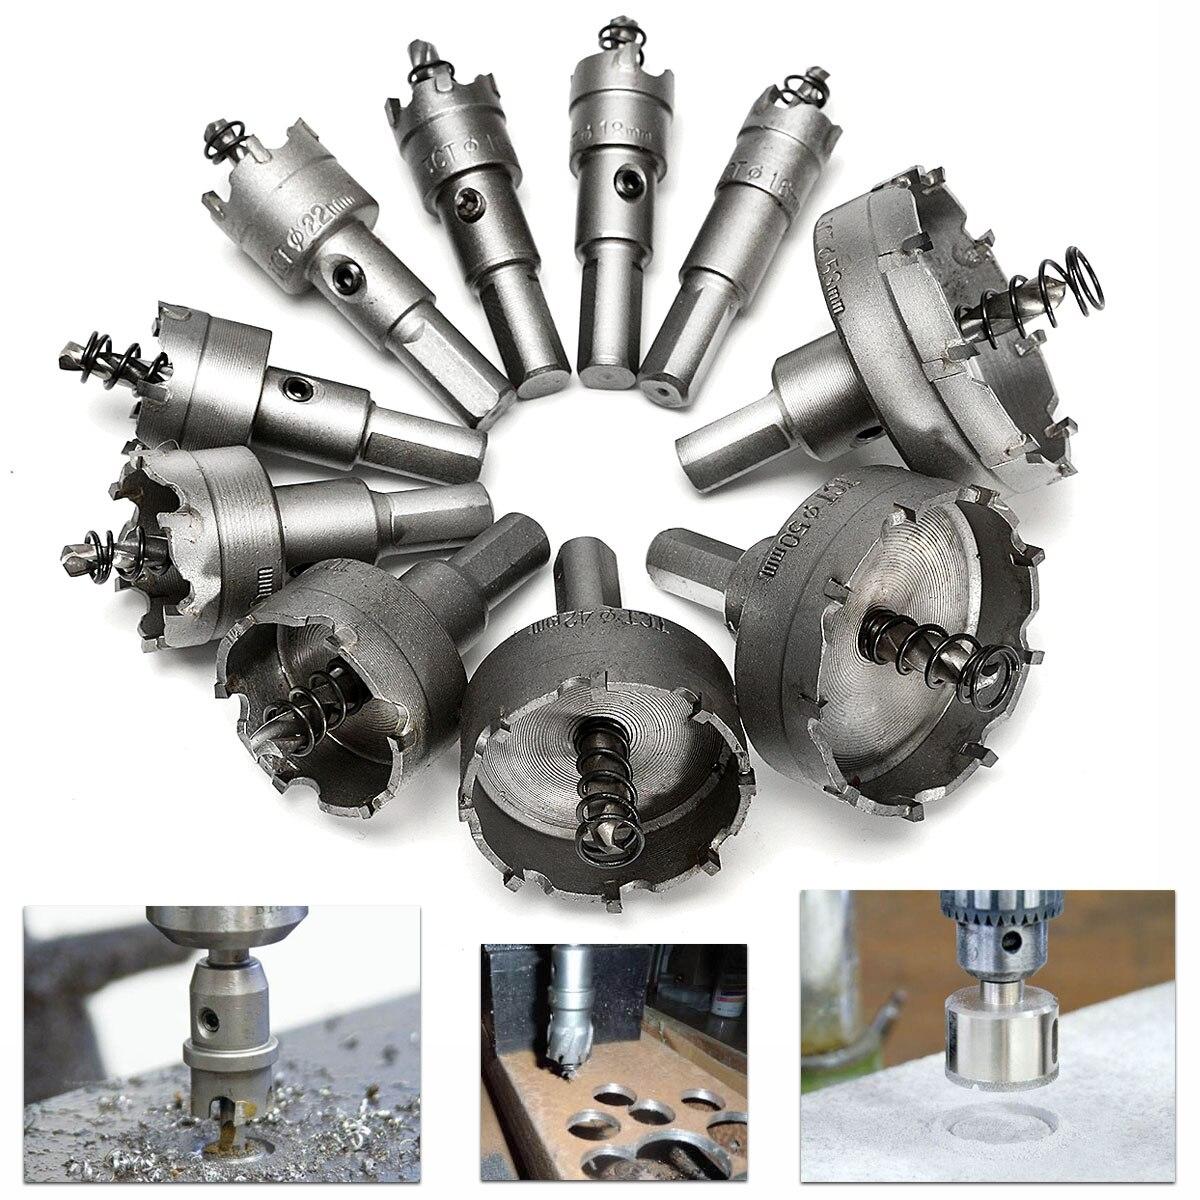 1Pcs Carbide Tip HSS Drill Bit Saw Set Metal Wood Drilling Hole Cut Tool For Installing Locks 16/17/19/20/21/22/23/25/28/32/50mm